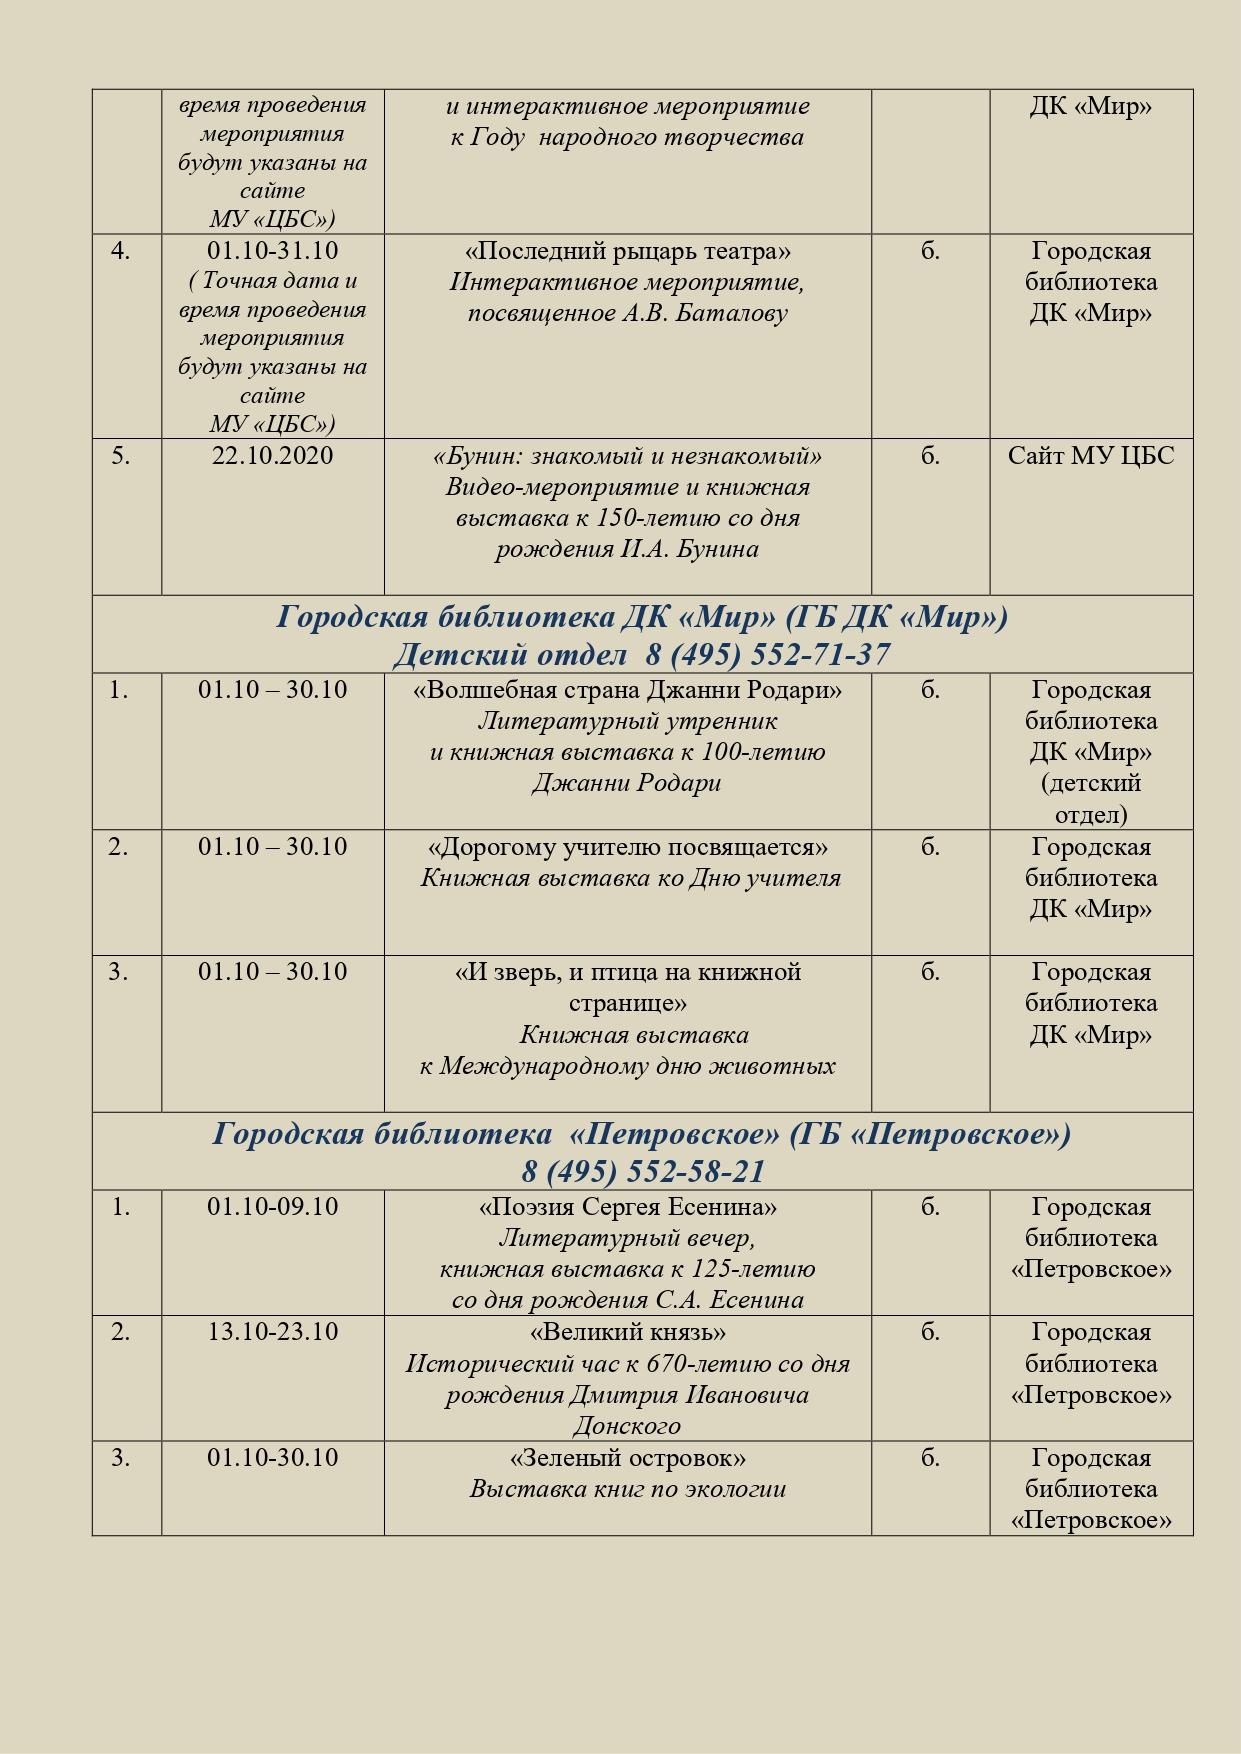 10 План на Октябрь 2020 МУ ЦБС в Комитет_page-0004